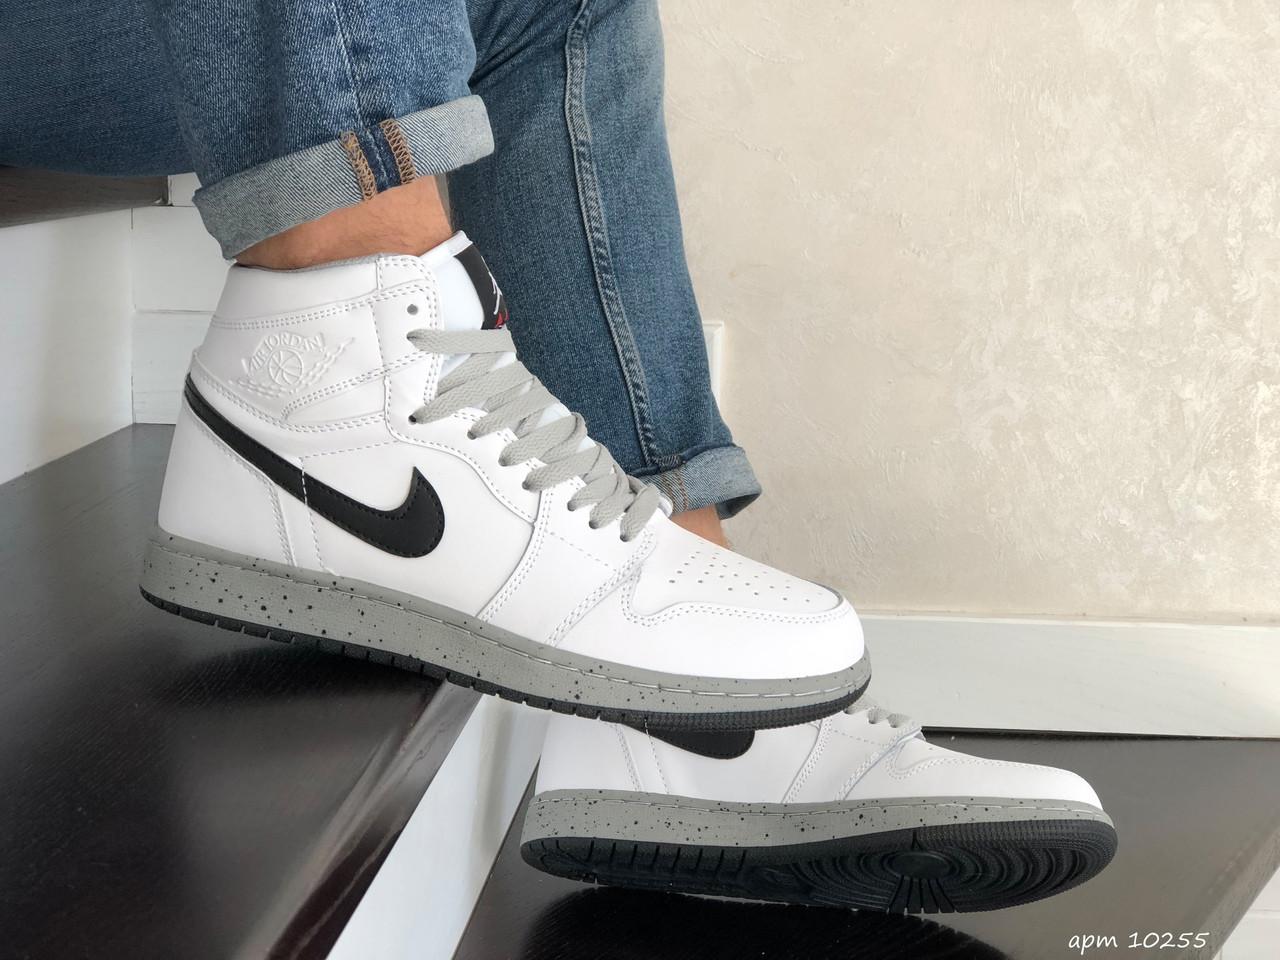 Мужские кроссовки Nike Air Jordan (бело-серые) В10255 демисезонная спортивная высокая обувь